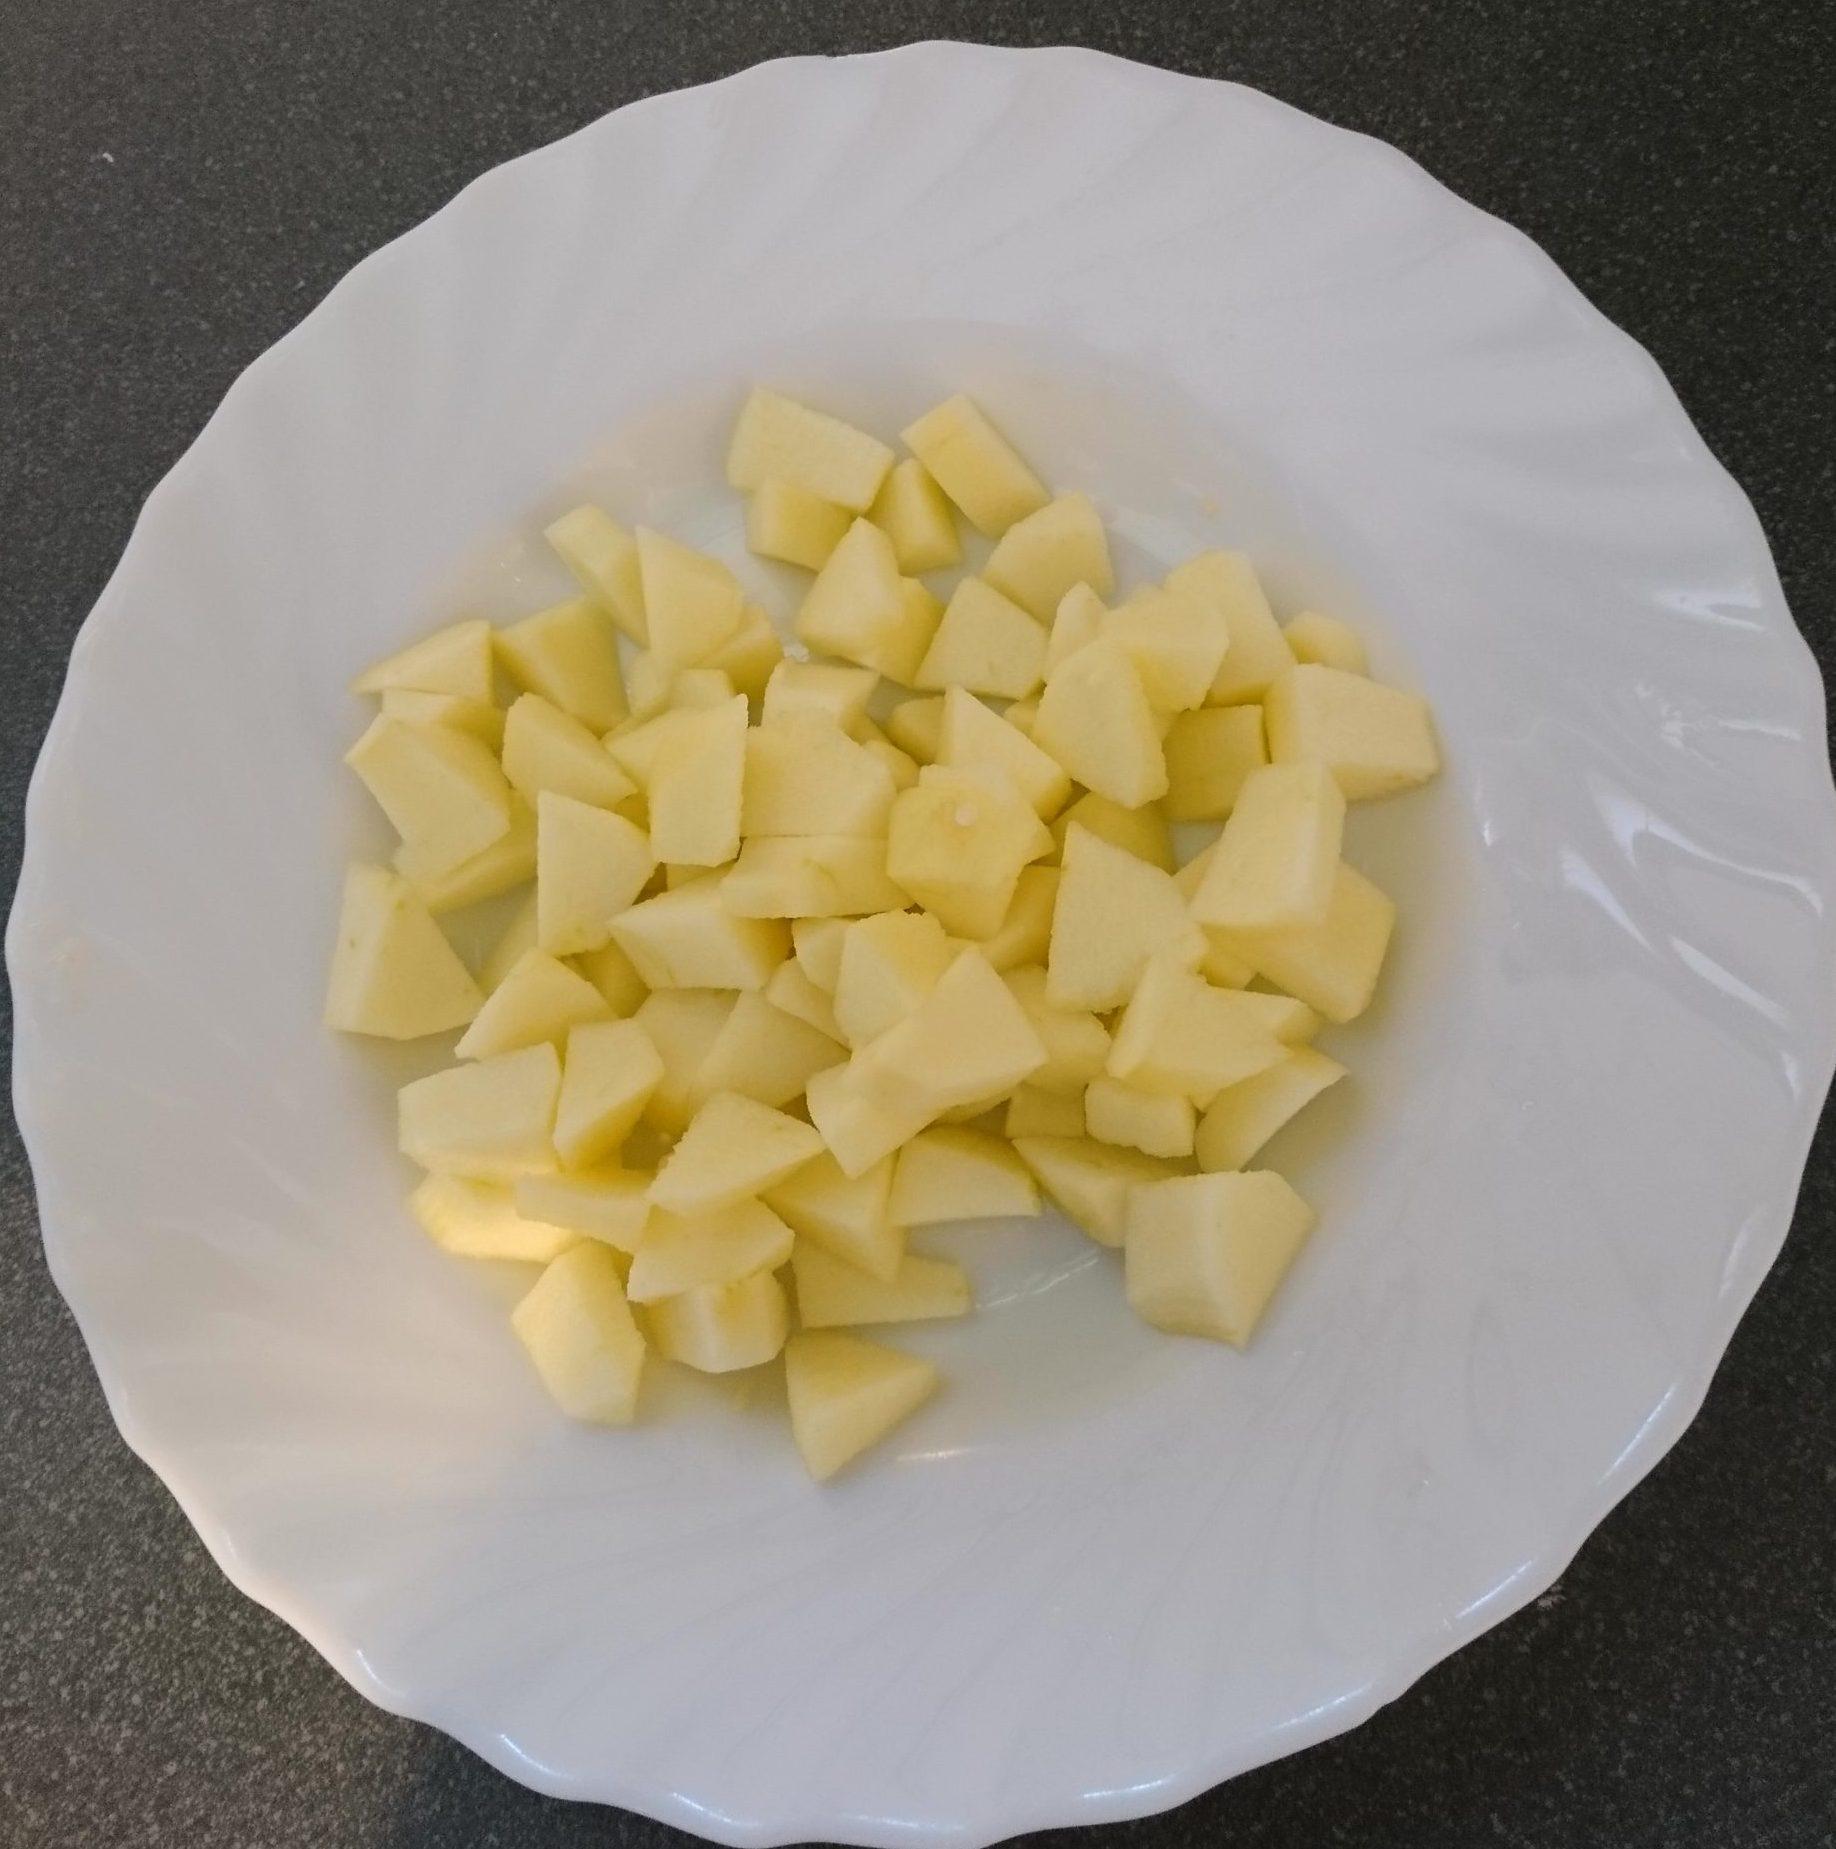 Torta di mele e yogurt - Mele tagliate a dadini